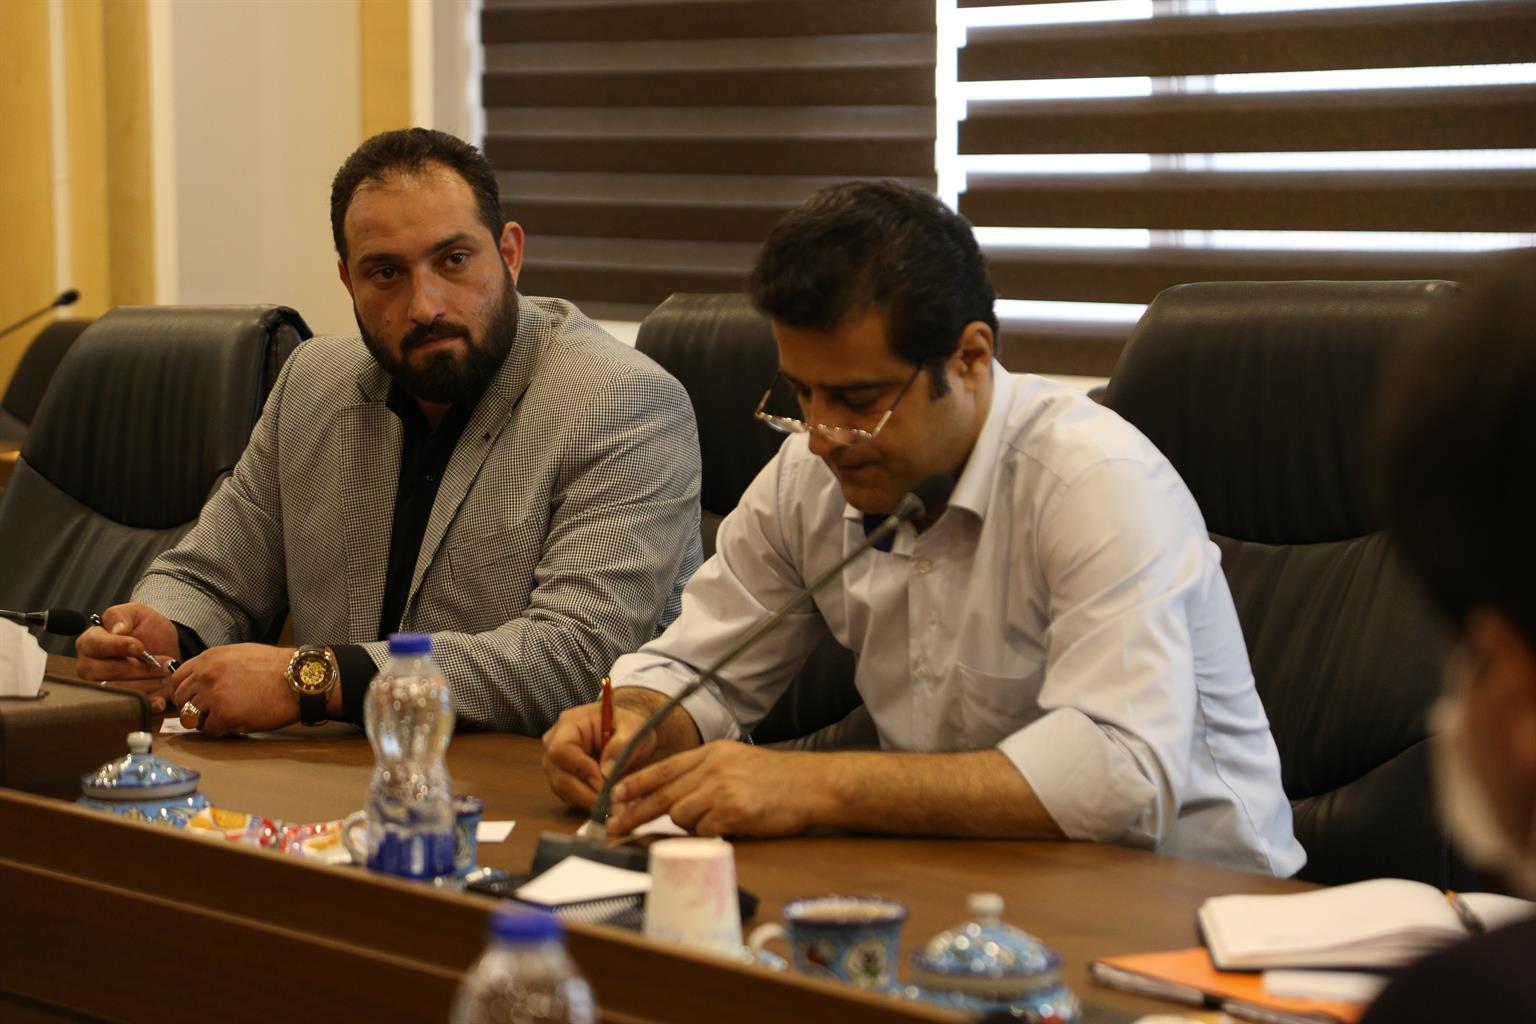 img 9299 - سرپرست شهرداری رشت تاکید کرد: ضرورت مشارکت دستگاه های متولی برای حفظ و نگهداری تصفیه خانه سراوان